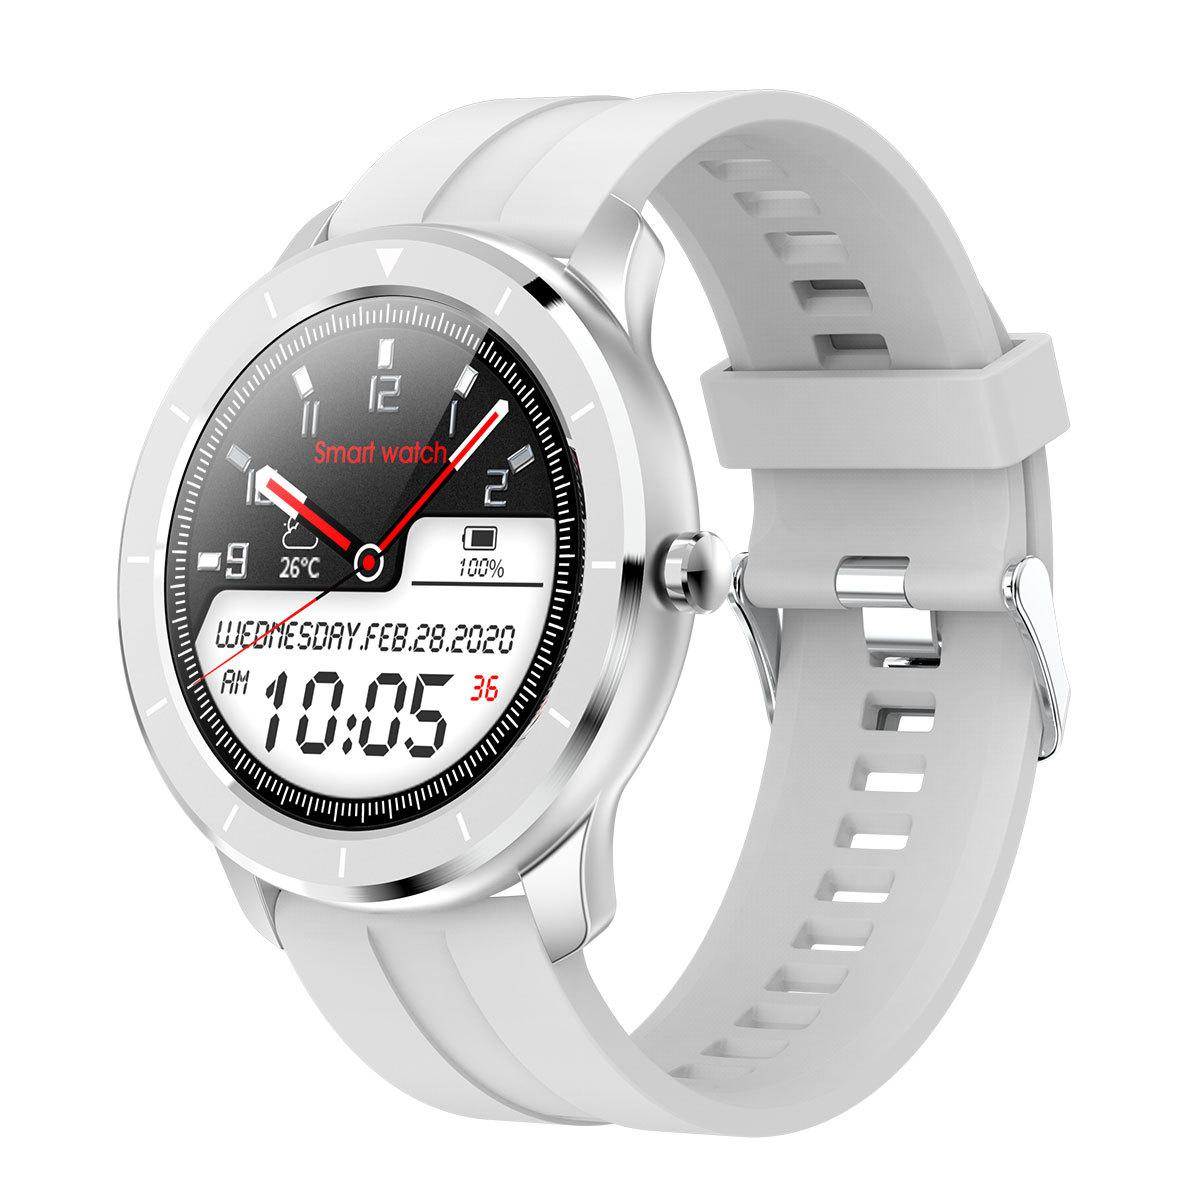 Đồng hồ thông minh theo dõi sức khỏe T06 - Sản phẩm công nghệ